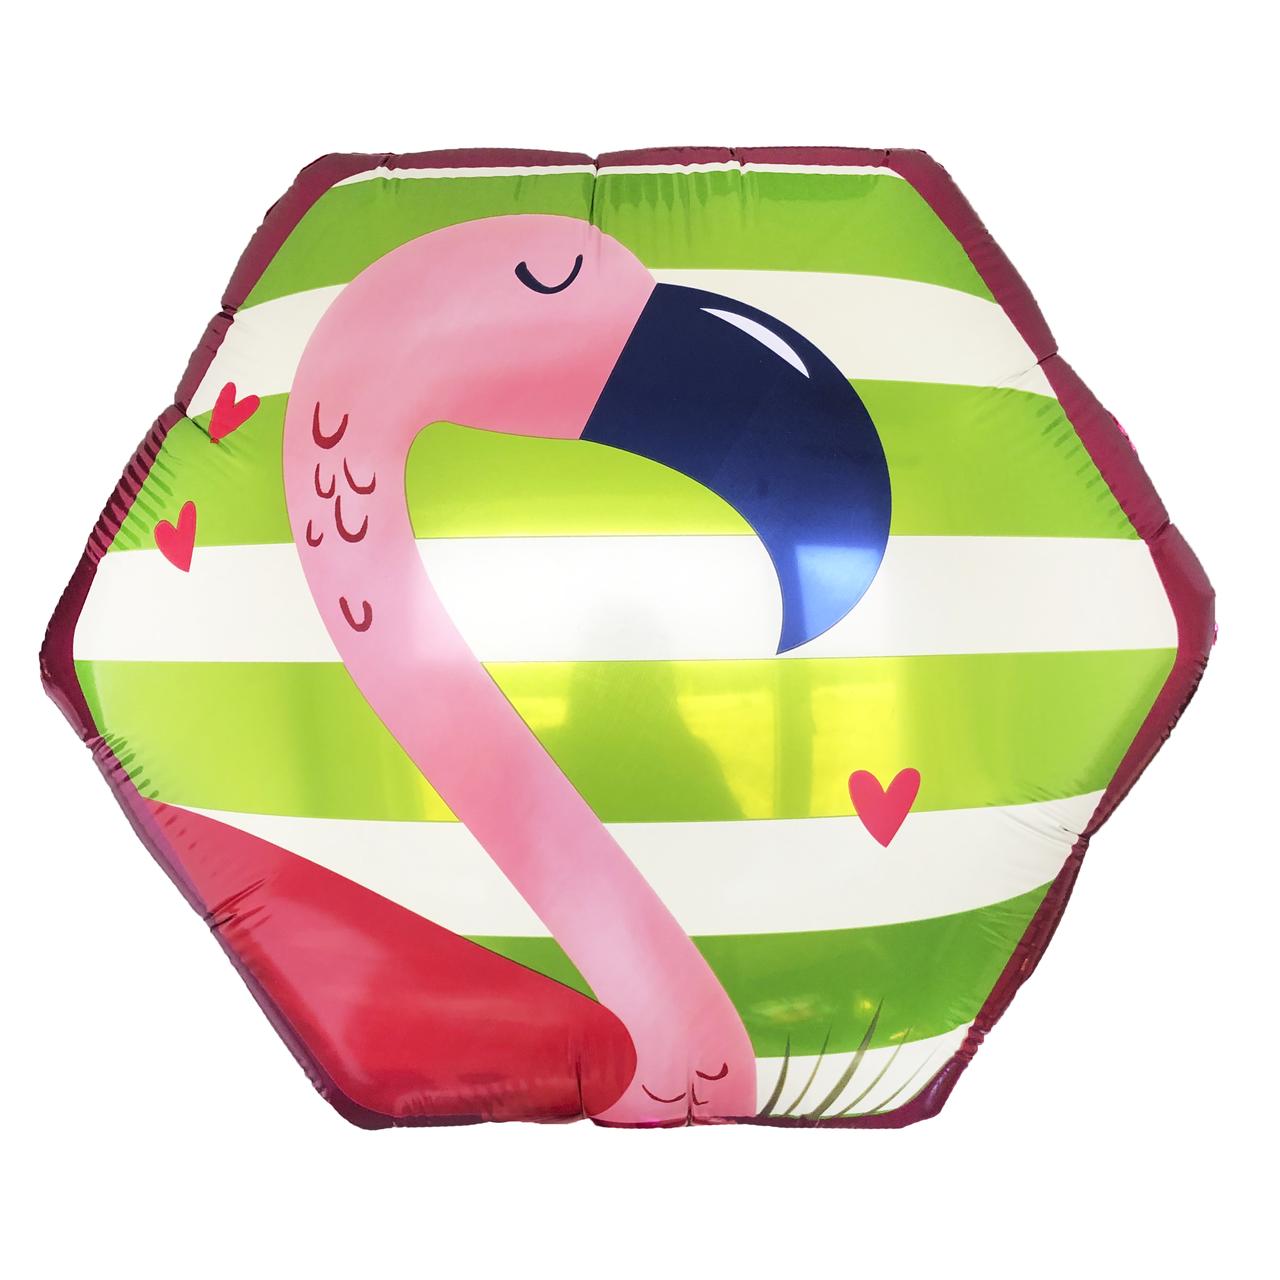 Фольгированный шар 23' Китай Фламинго в упаковке, 57 см